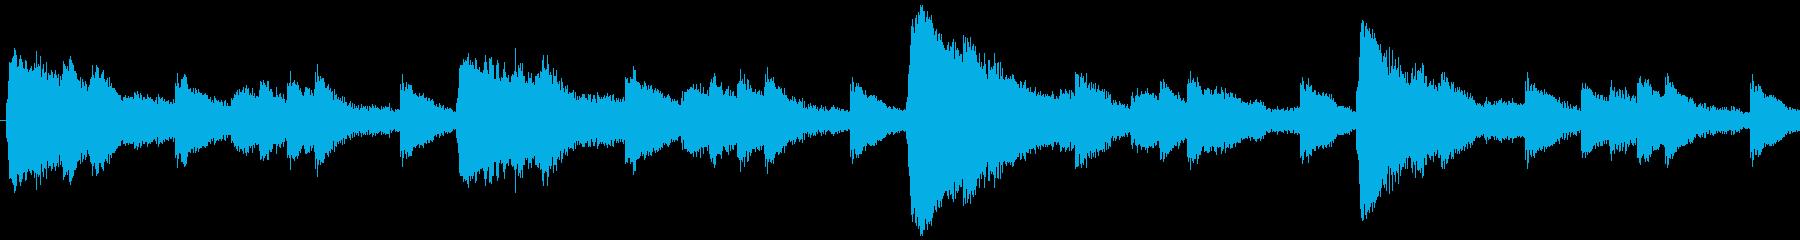 環境にやさしい事業紹介のCM曲-ループ1の再生済みの波形